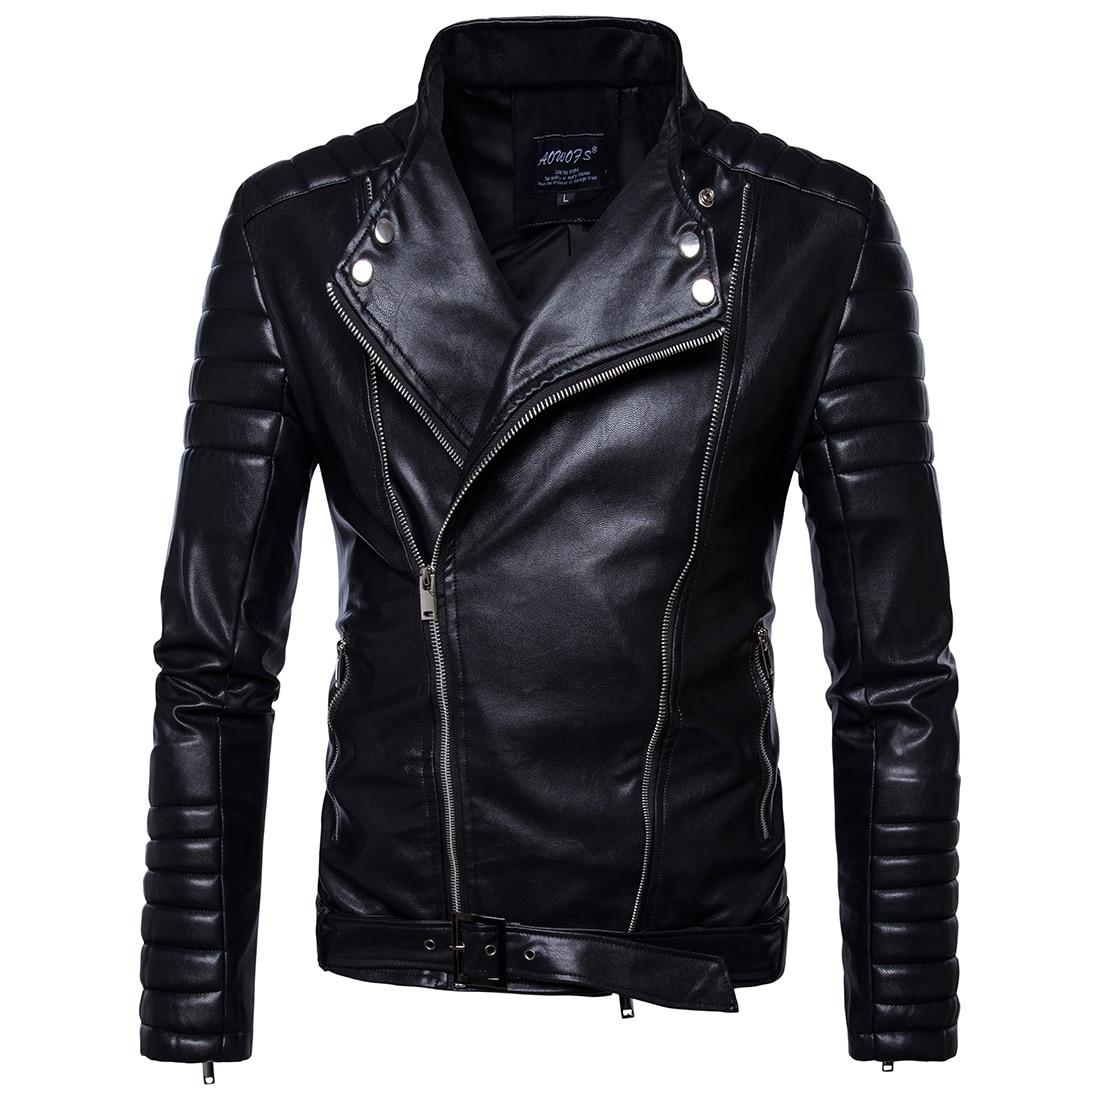 Винтаж куртки мужские классический ретро куртка с отложным воротником тонкий Искусственная кожа байкерская куртка мотоцикла Костюмы